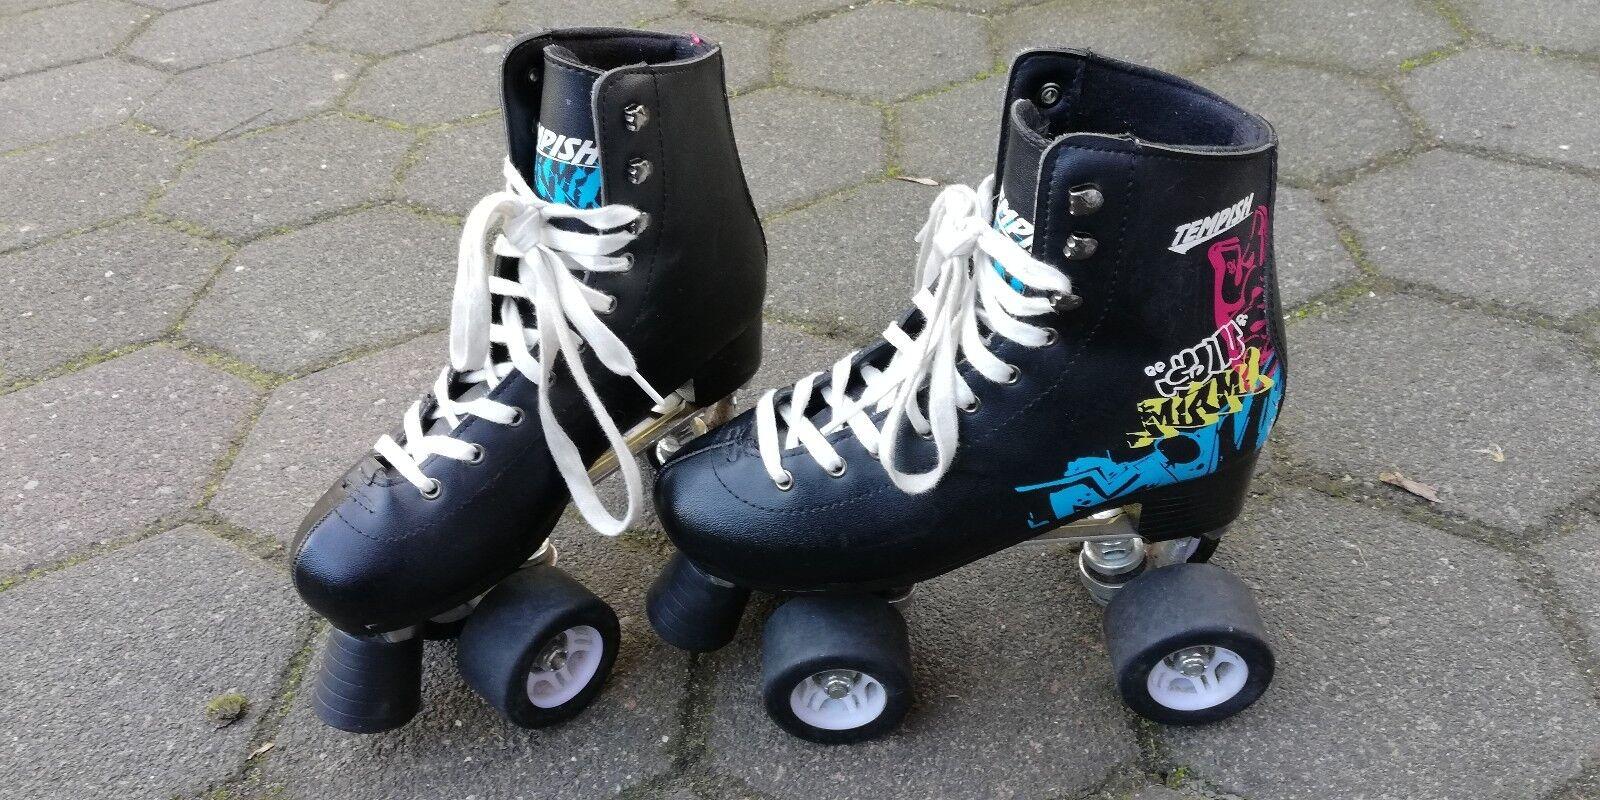 Tempish Moove Rollschuhe Roller Skates Gr. 38